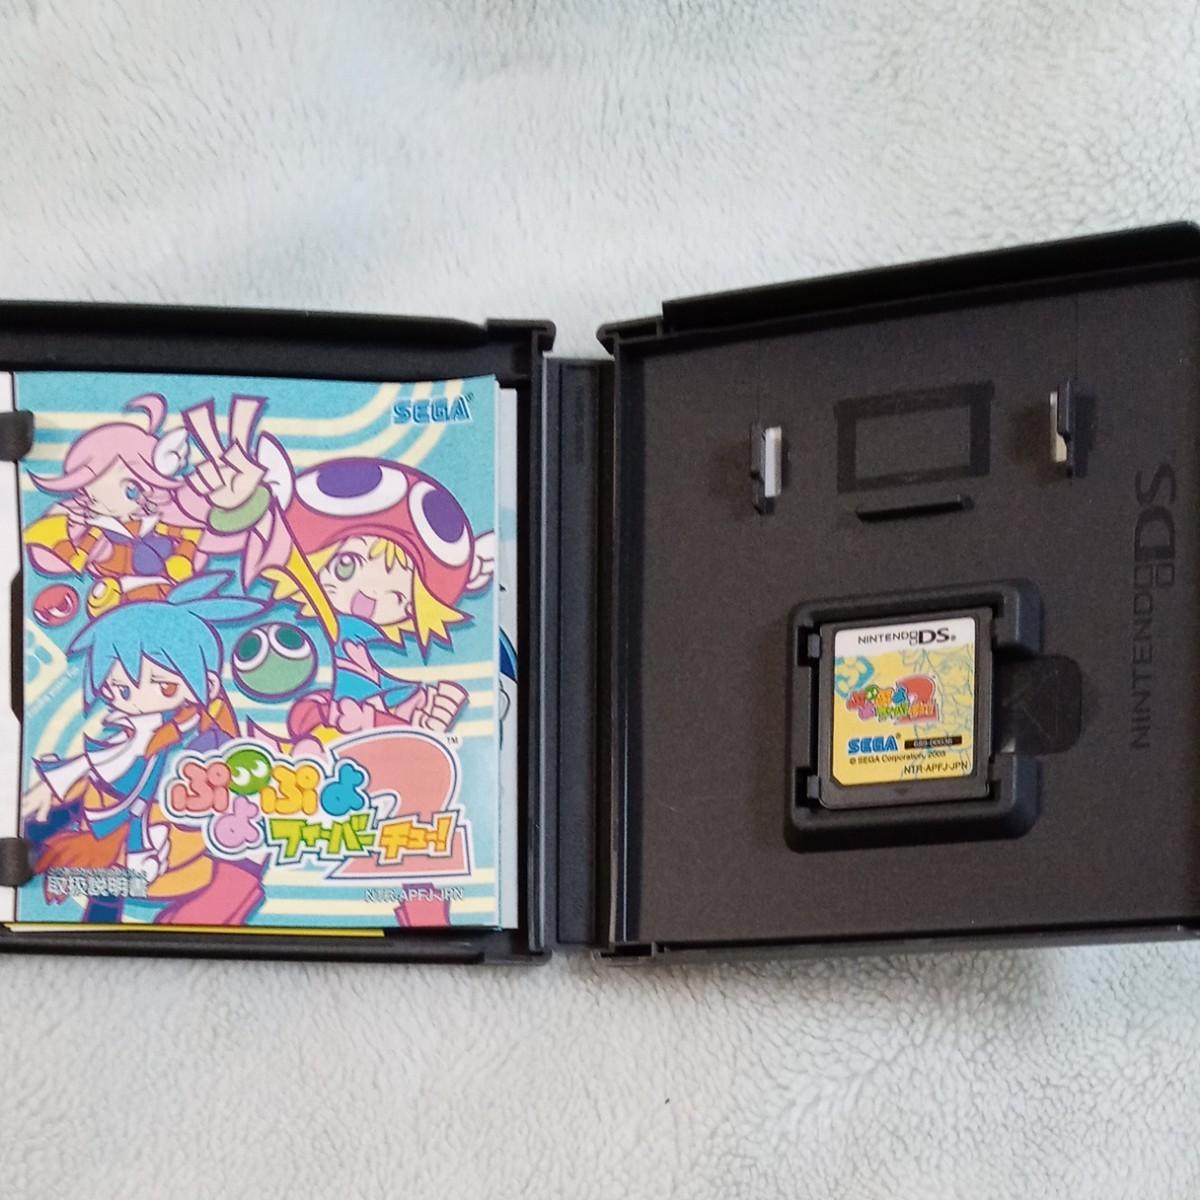 ニンテンドーDS DSソフト ぷよぷよフィーバー2